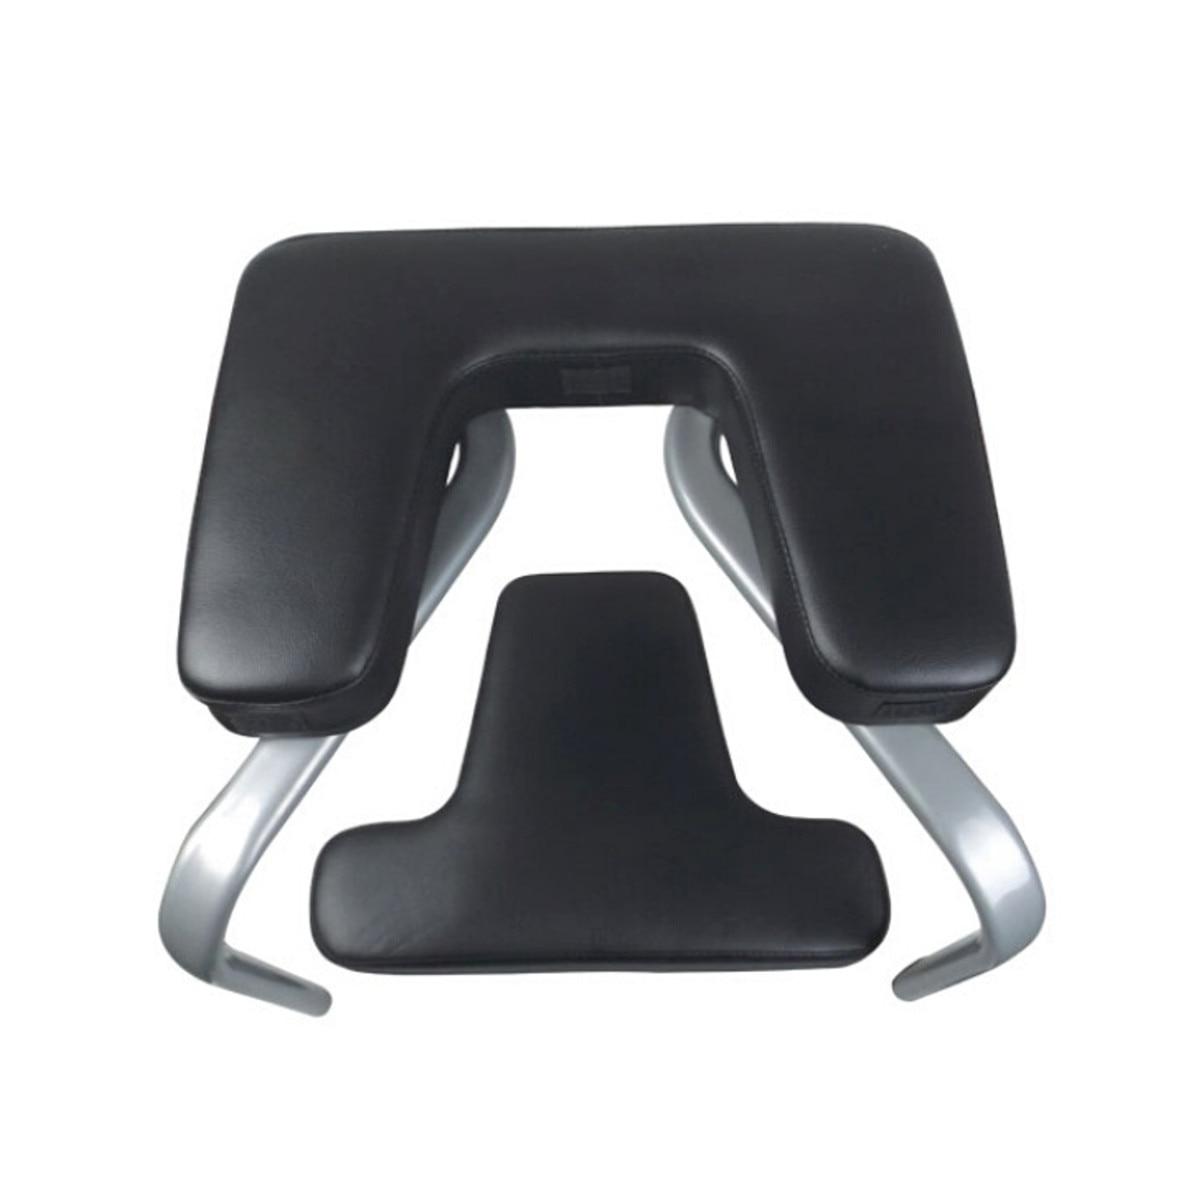 43*42*37 cm Yoga sida chaise d'entraînement tabouret tabouret multifonctionnel sport exercice banc équipement de Fitness noir - 6